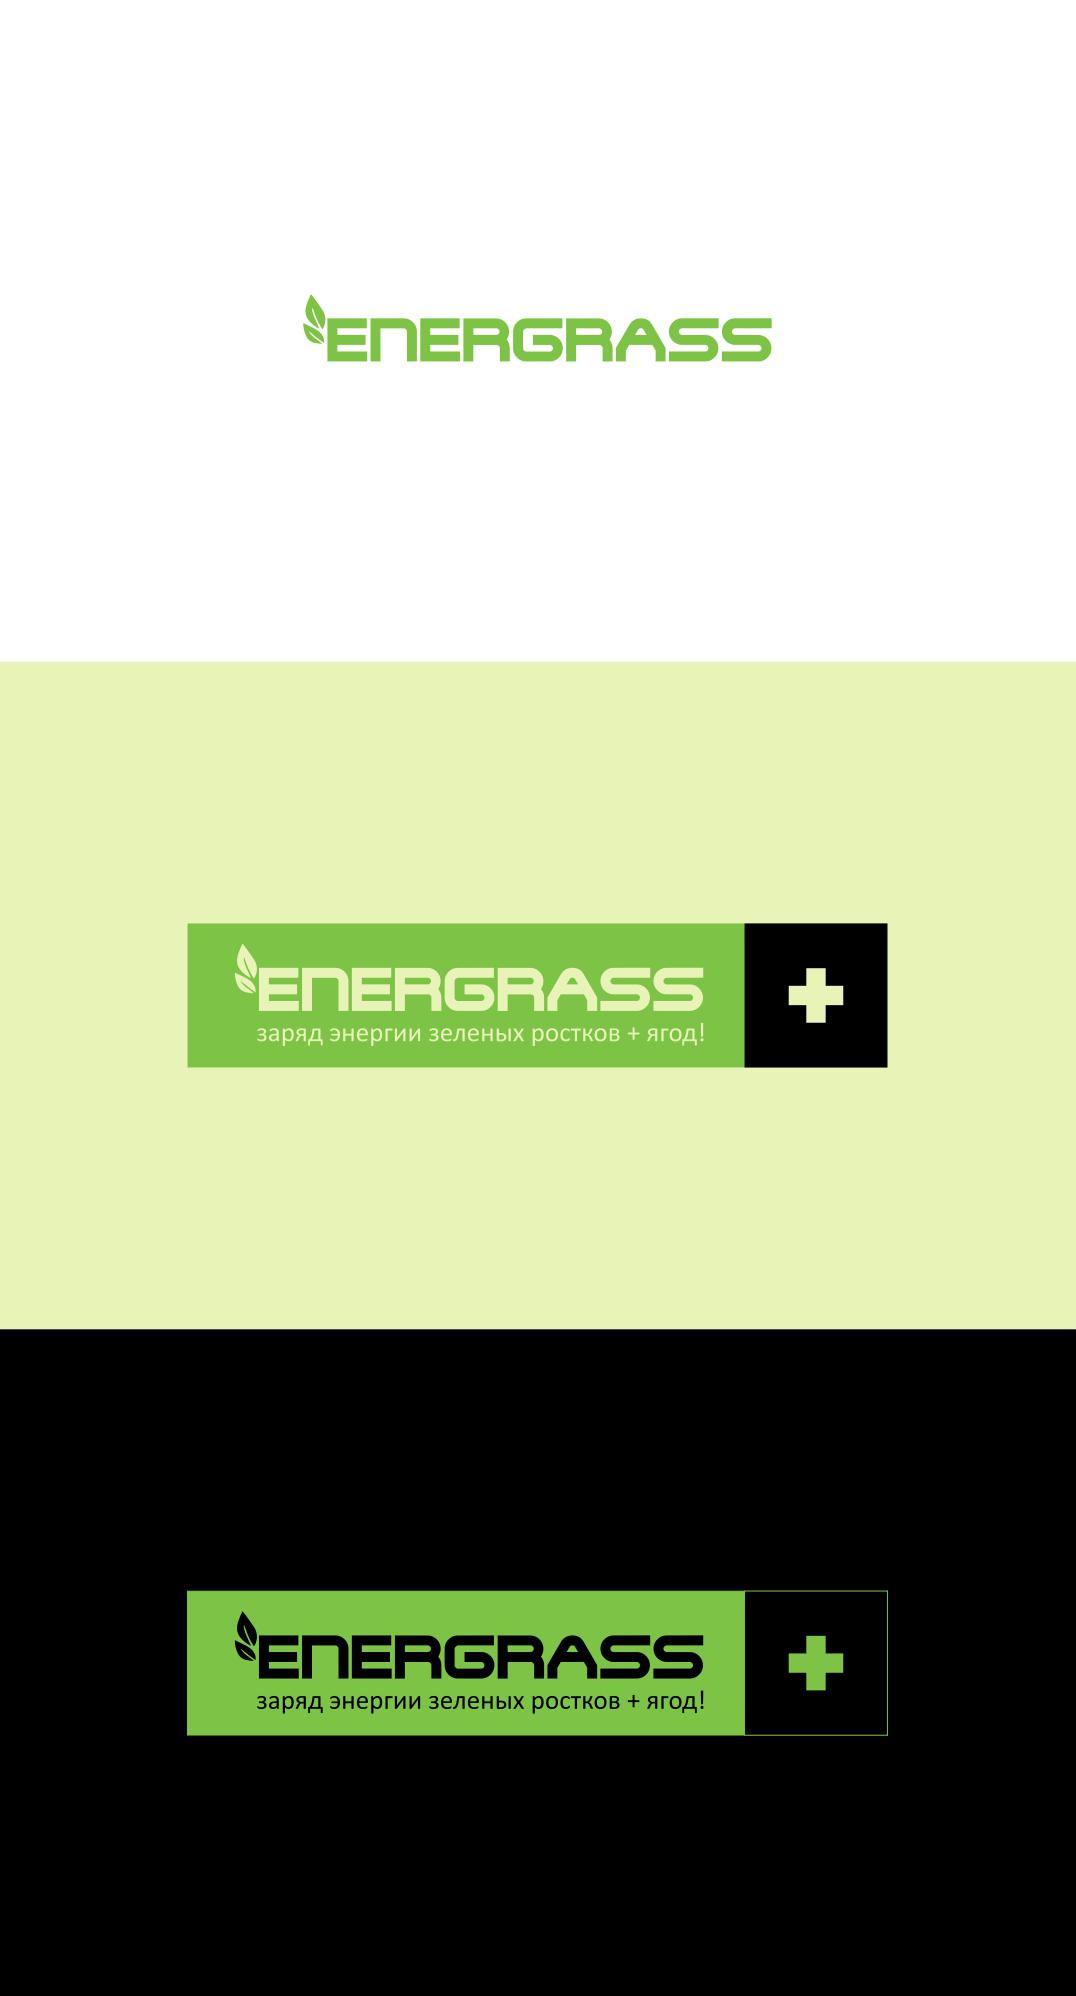 Графический дизайнер для создания логотипа Energrass. фото f_8945f89bdb74e326.jpg